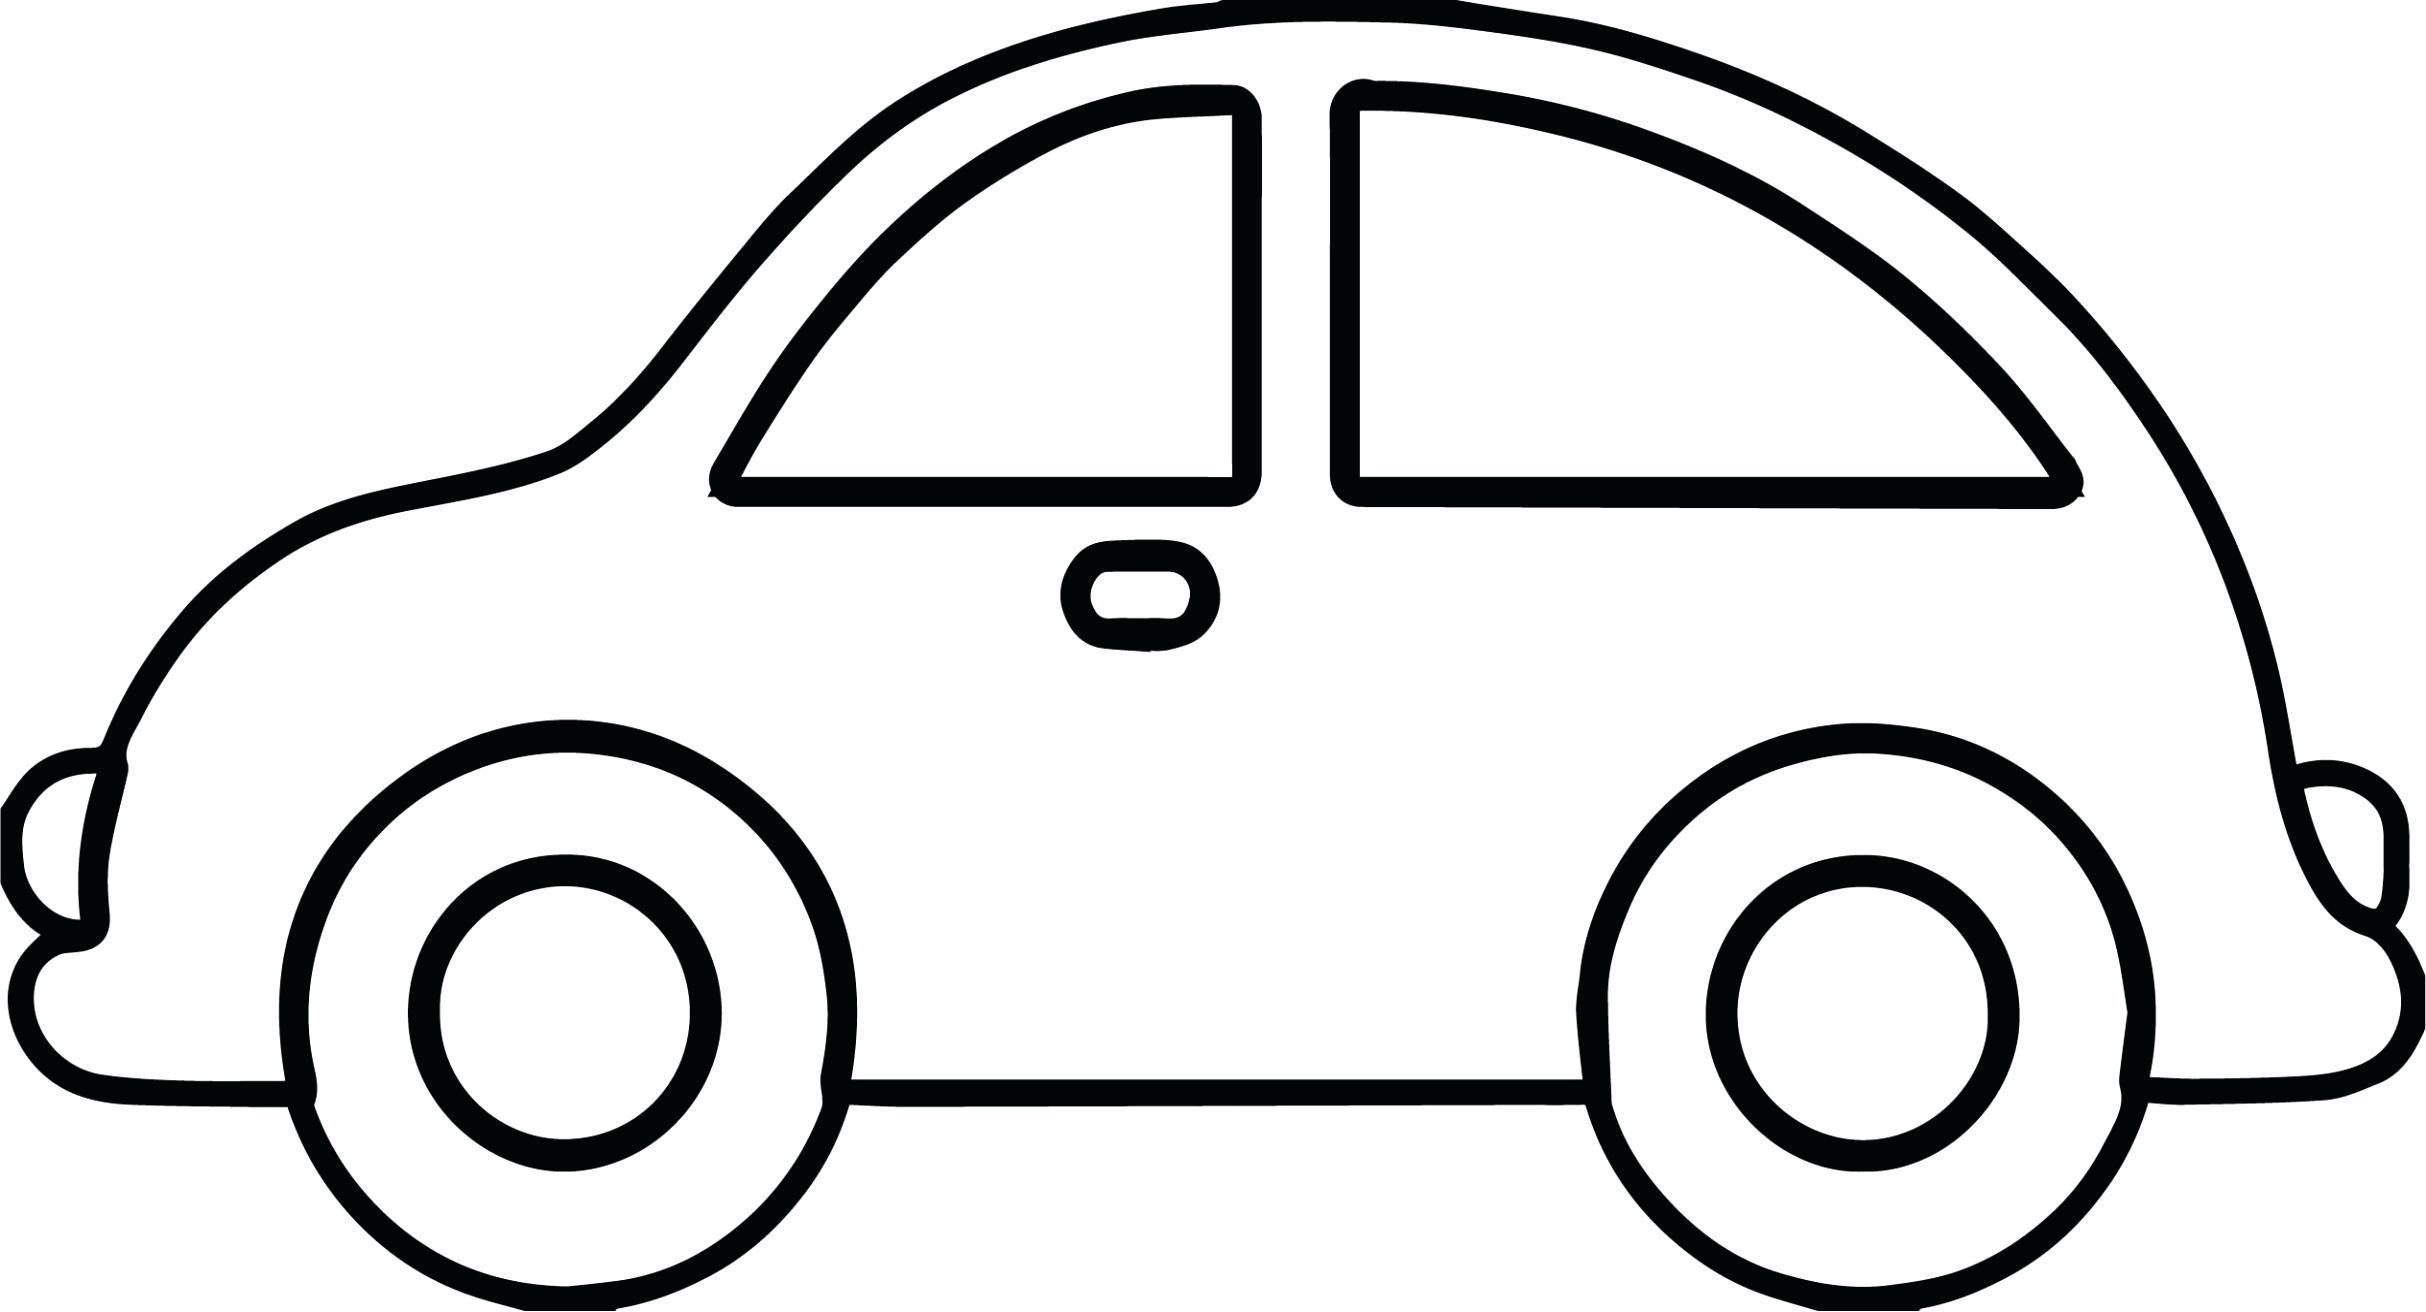 Tranh tô màu xe ô tô đơn giản nhất